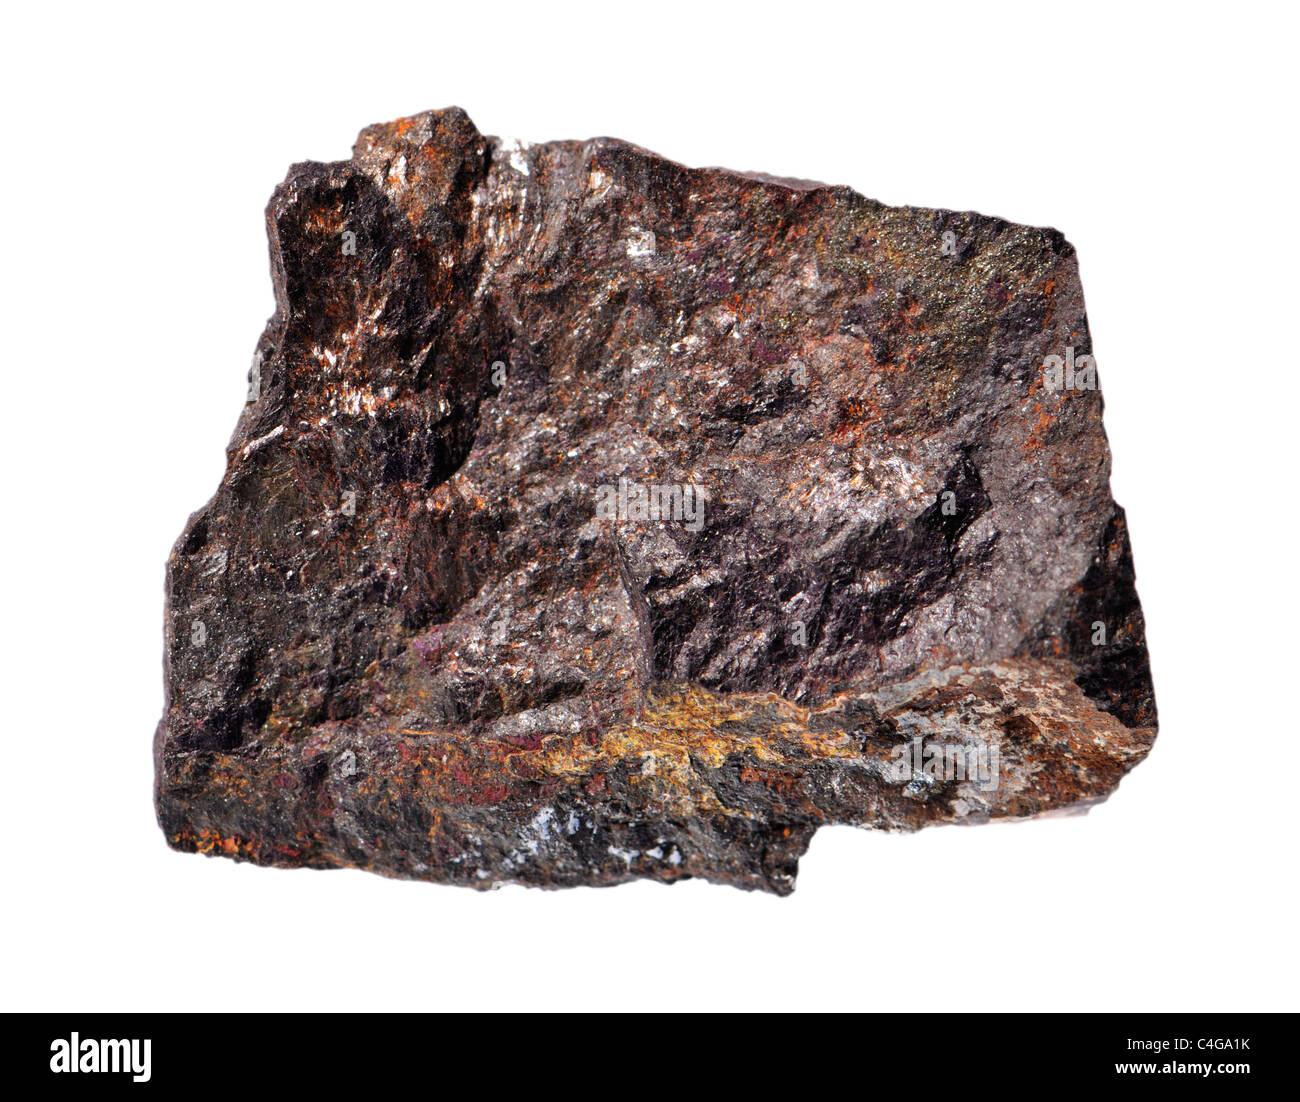 Purpurite (Manganese Phosphate - from Sandamab, Karibib, Erongo, Namibia) - Stock Image